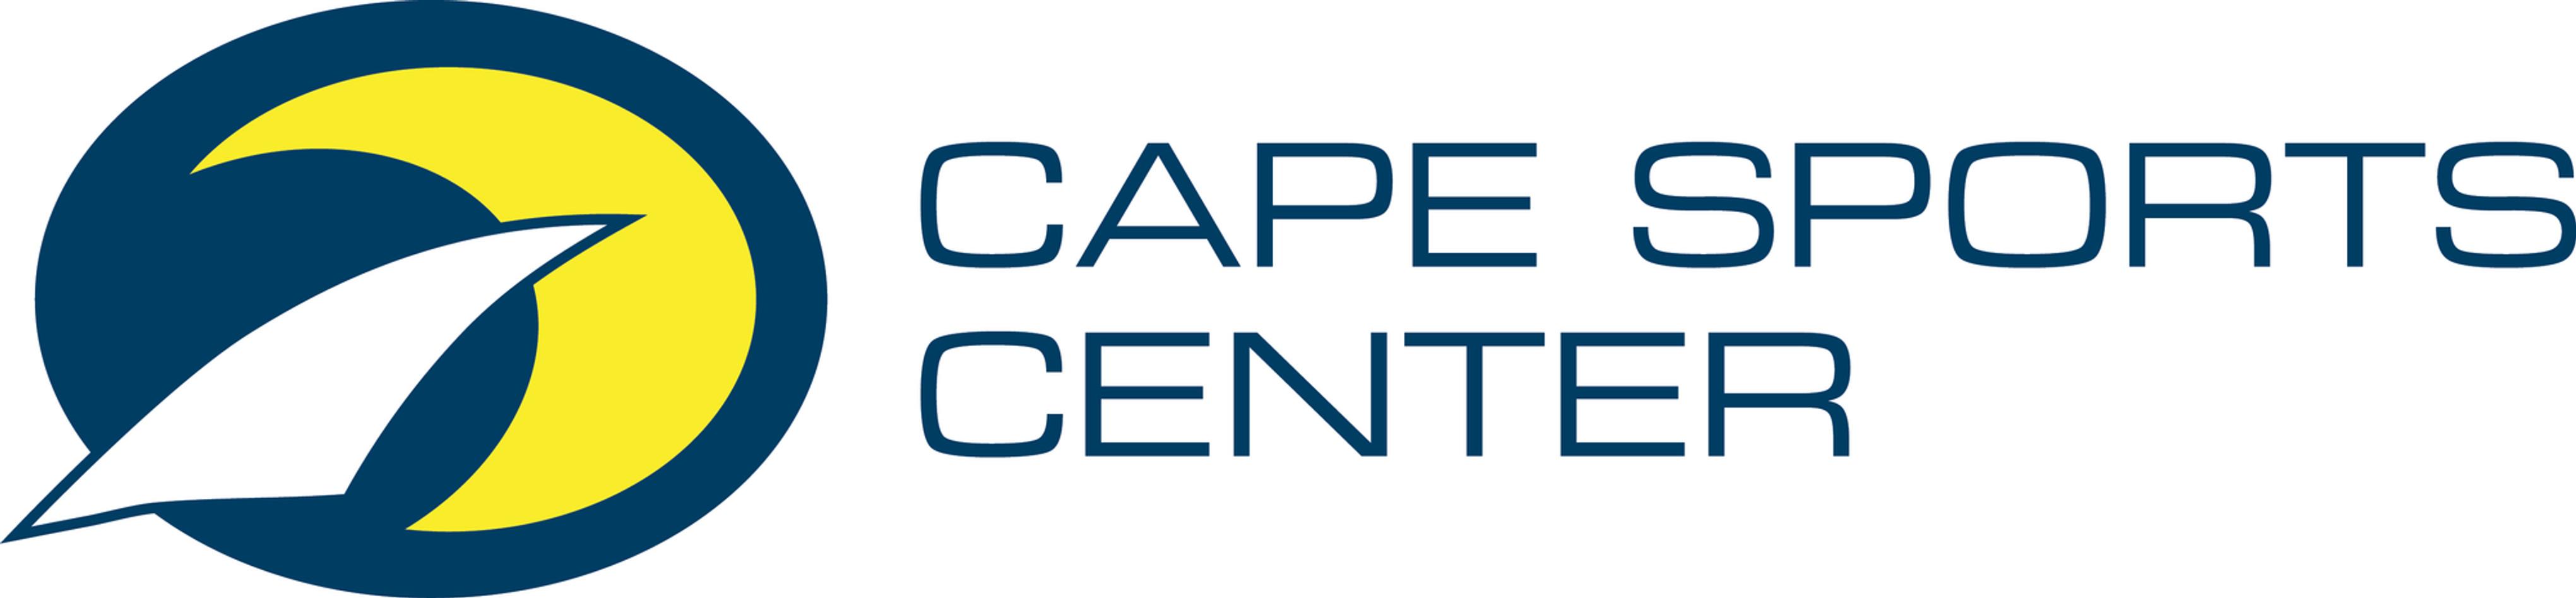 CAPE SPORTS CENTER